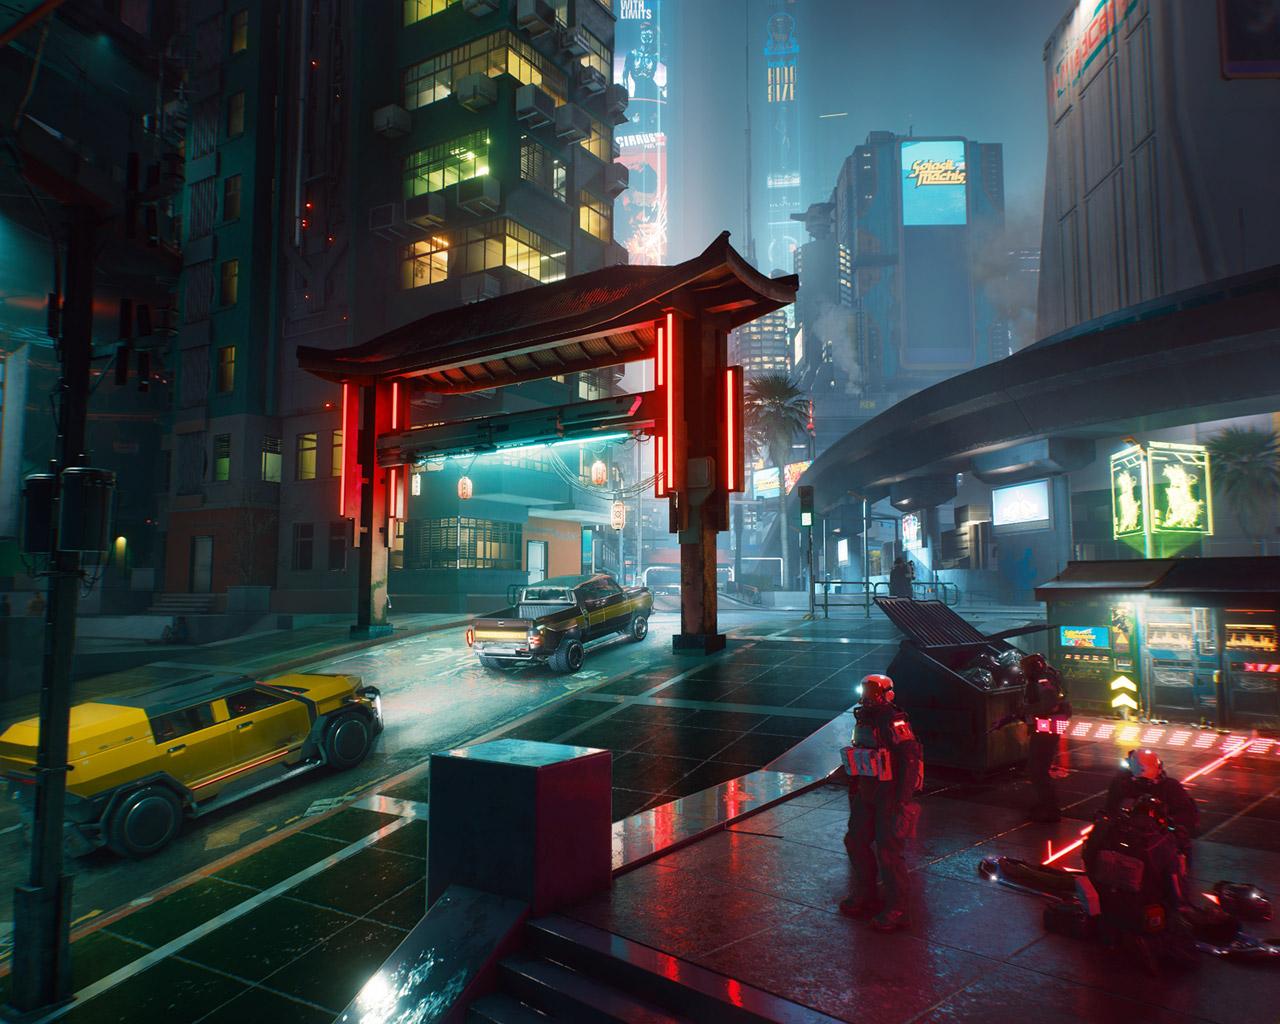 Cyberpunk 2077 Wallpaper in 1280x1024